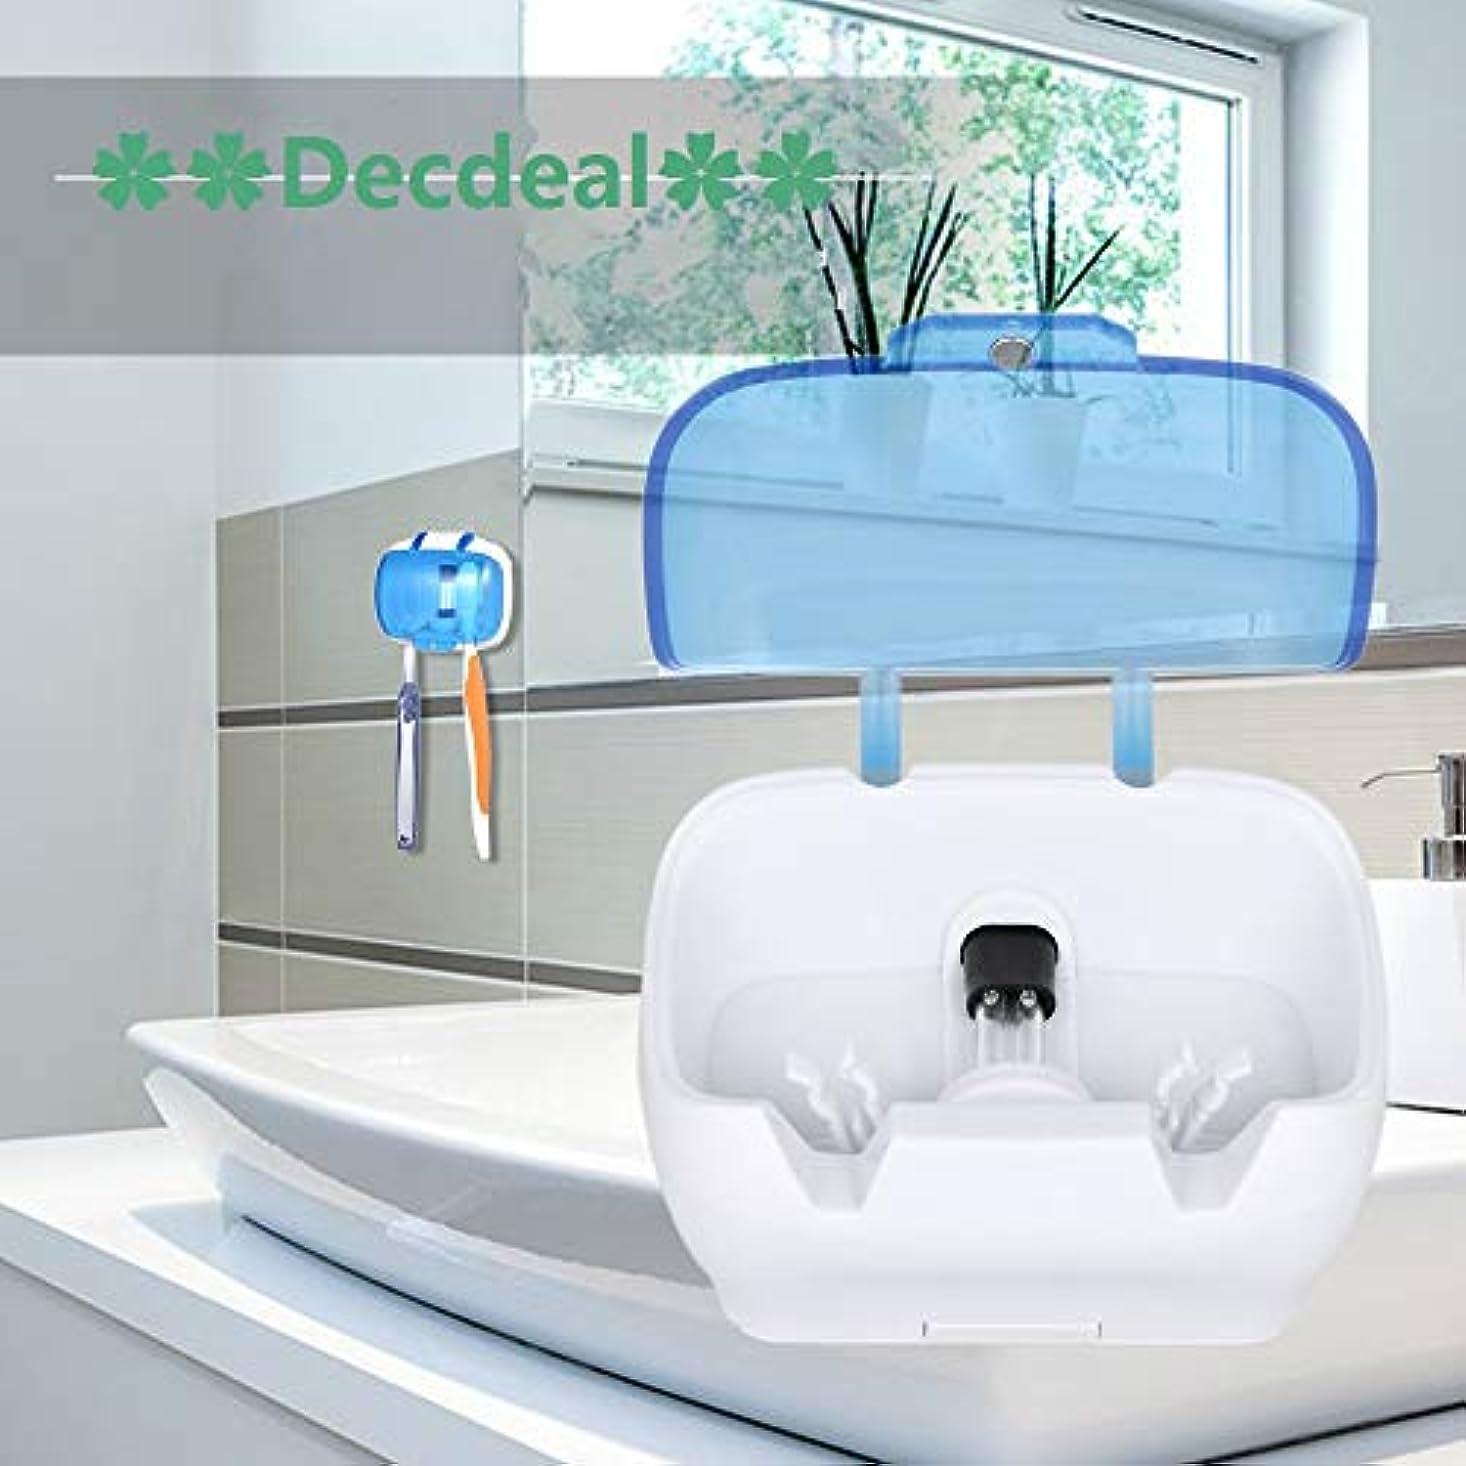 甘くする硬さ試みDecdeal UV滅菌キャビネット 多機能消毒クリーンツール プロフェッショナル ネイルアート機器トレイ 温度殺菌ツール 5W 220V USプラグ (歯ブラシUV消毒ボックス)